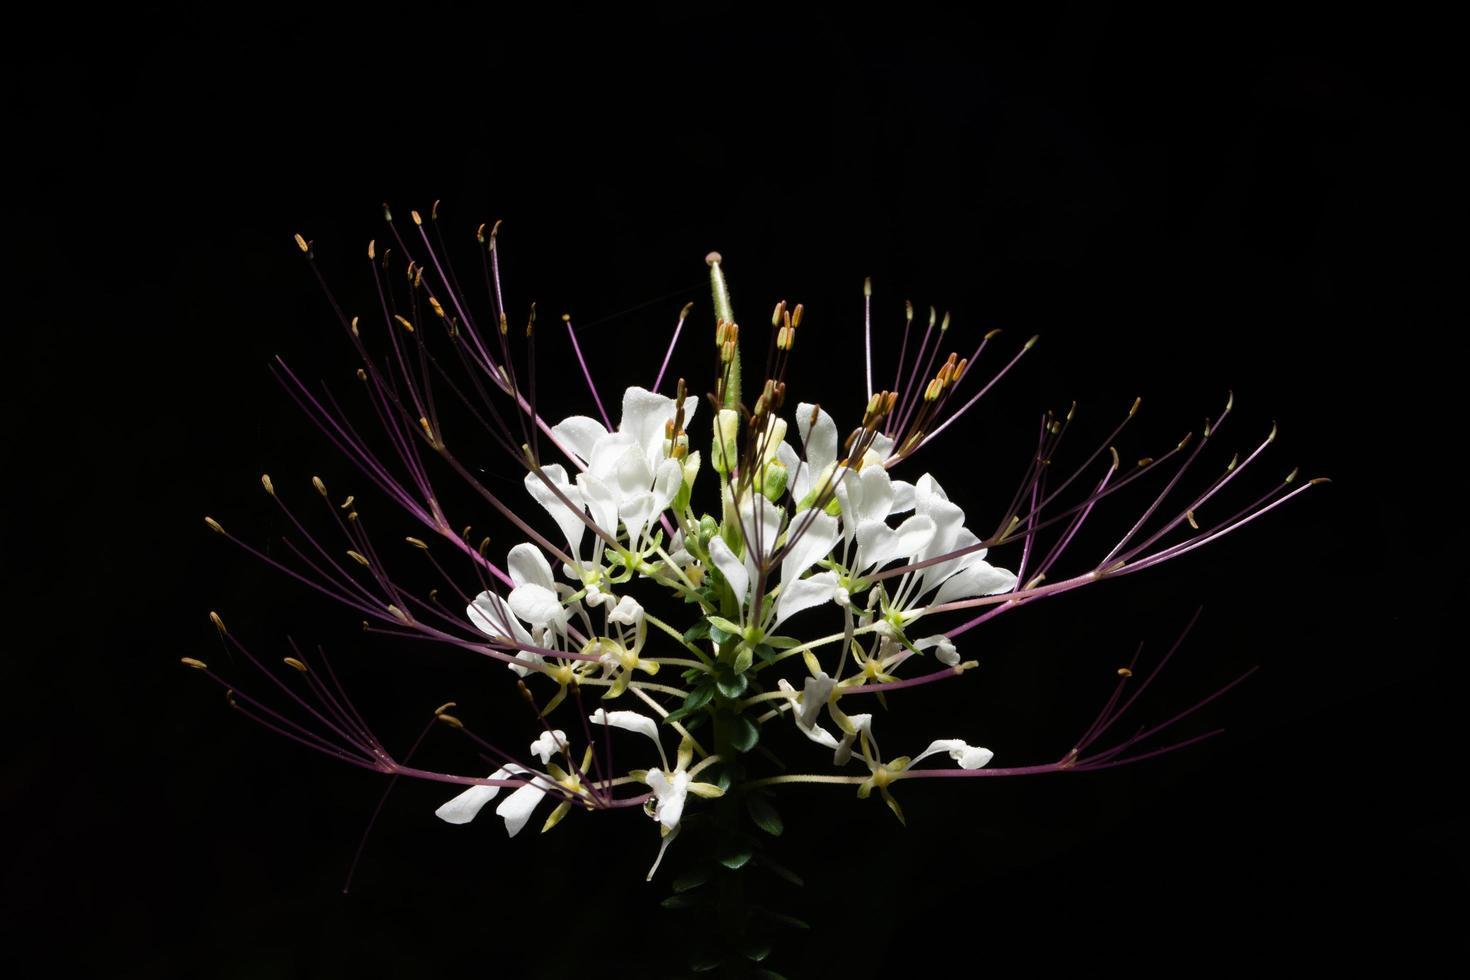 fiore selvatico bianco foto